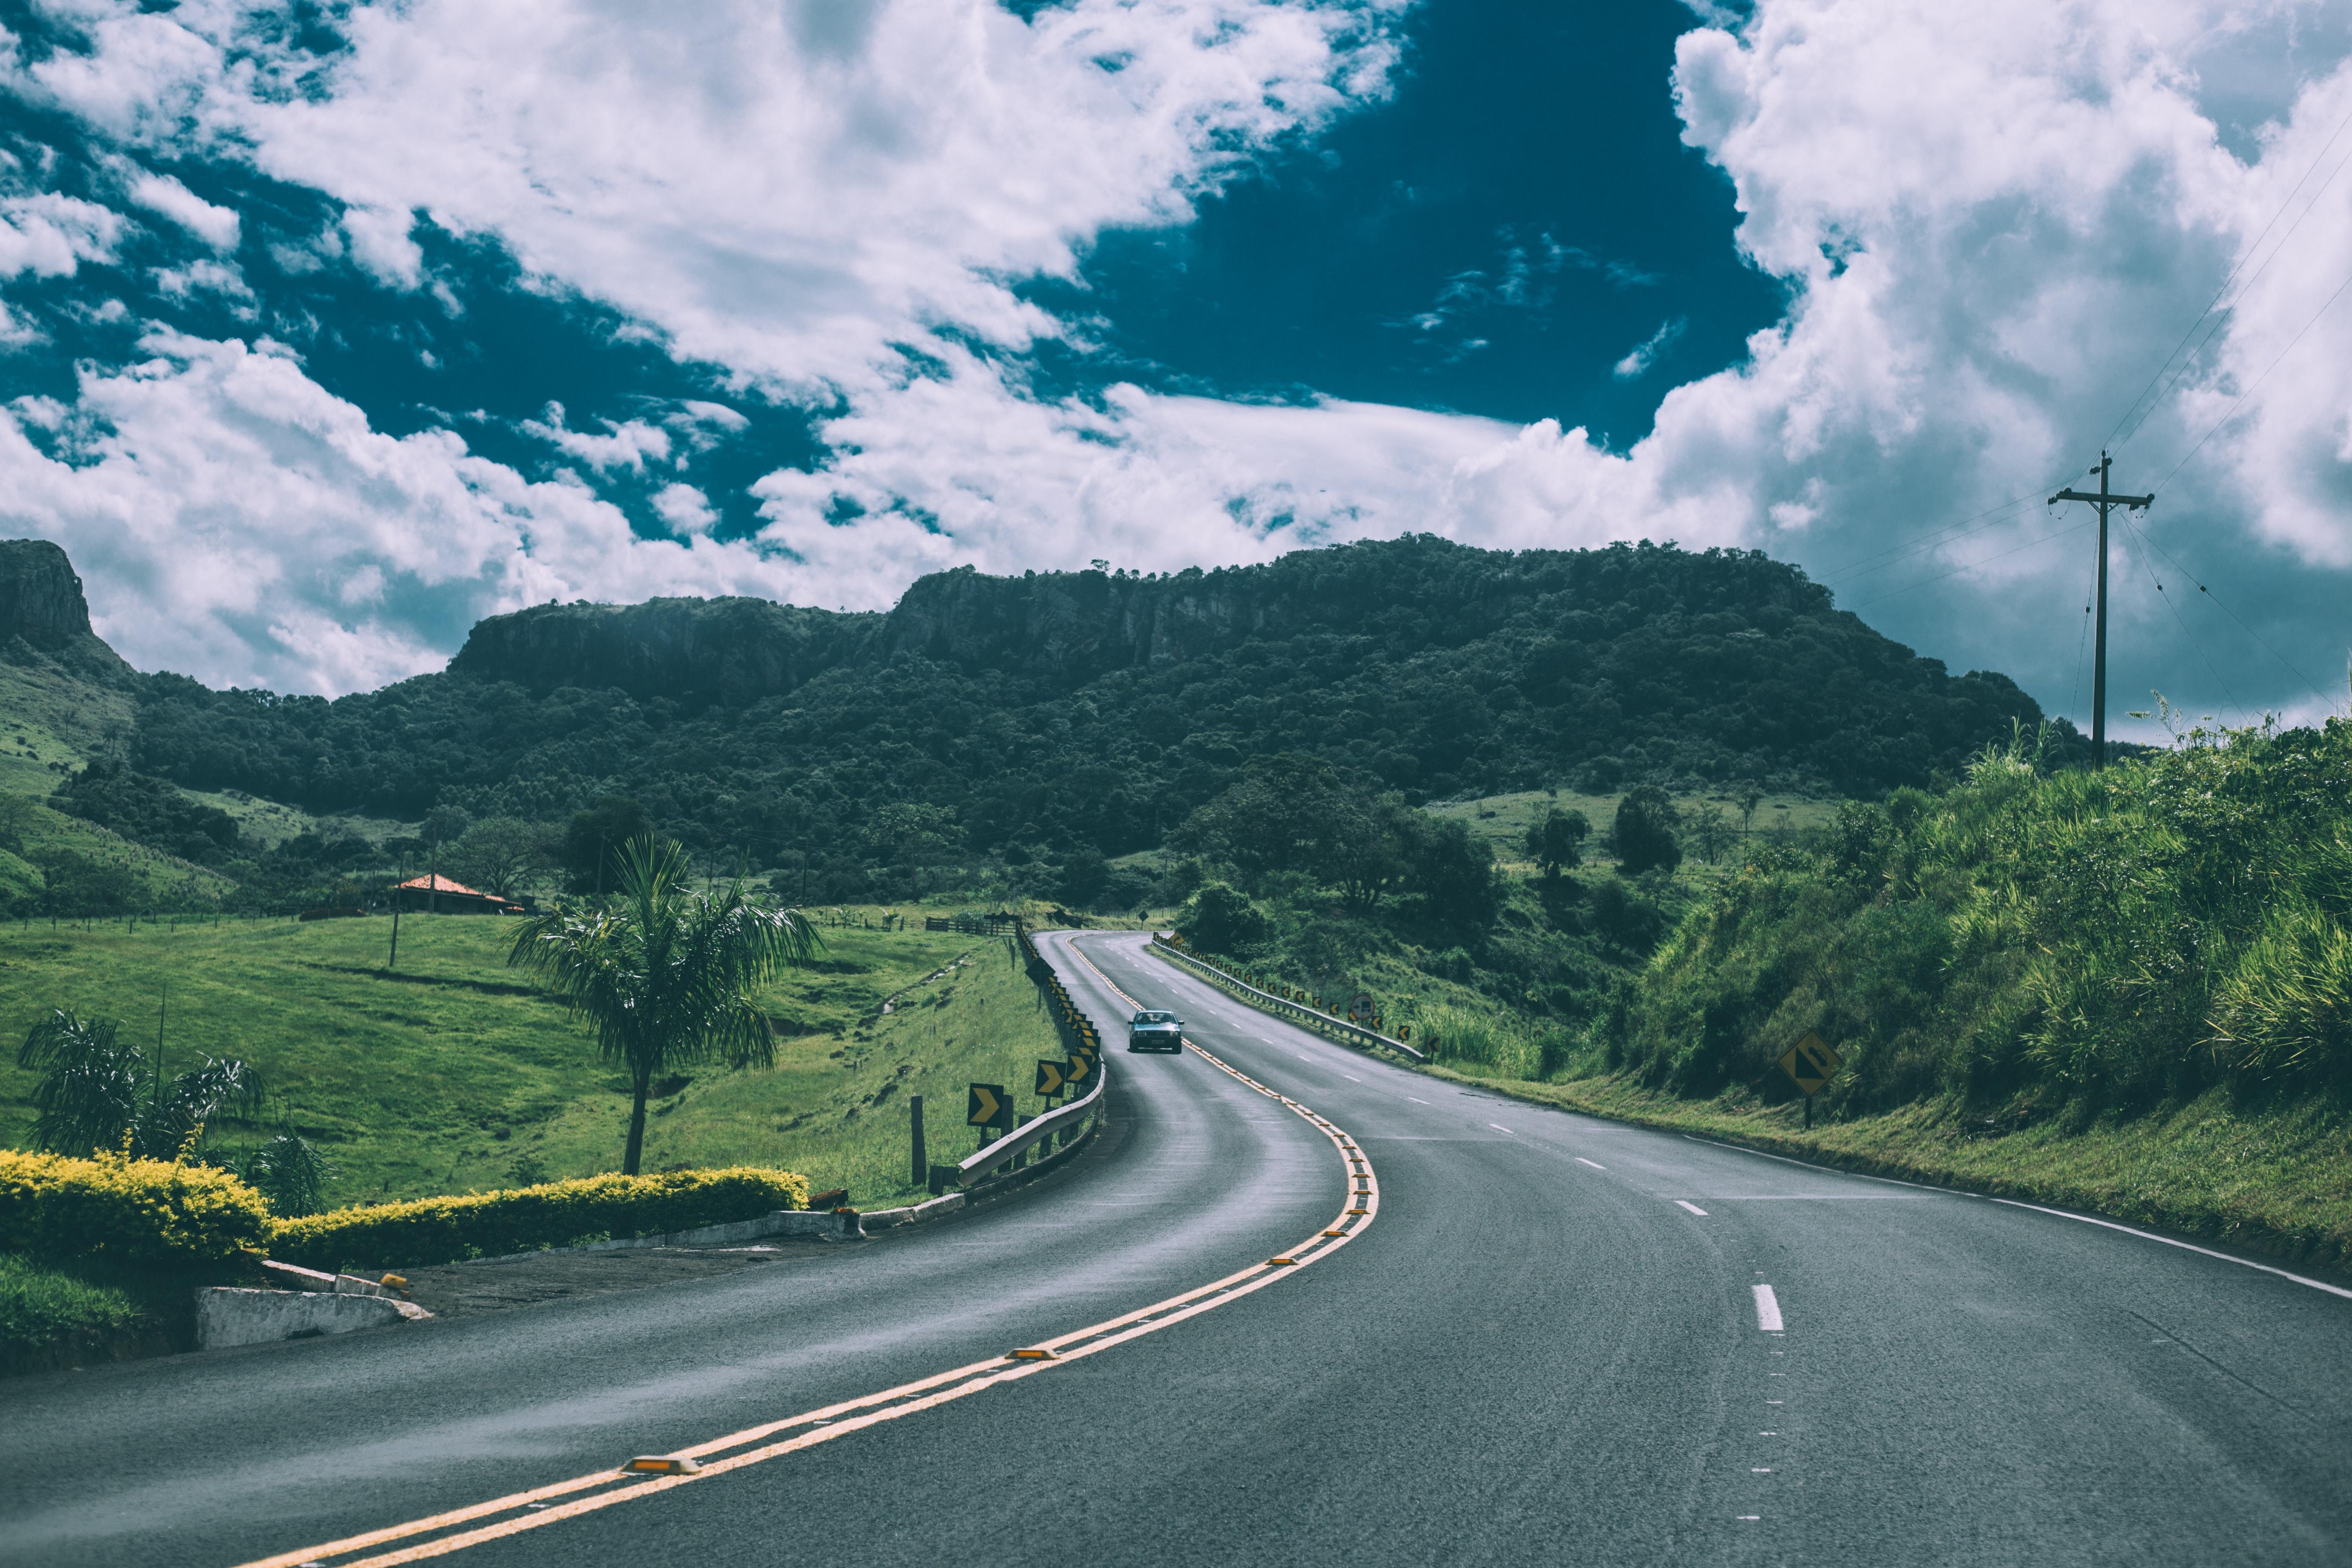 car-clouds-fields-57645